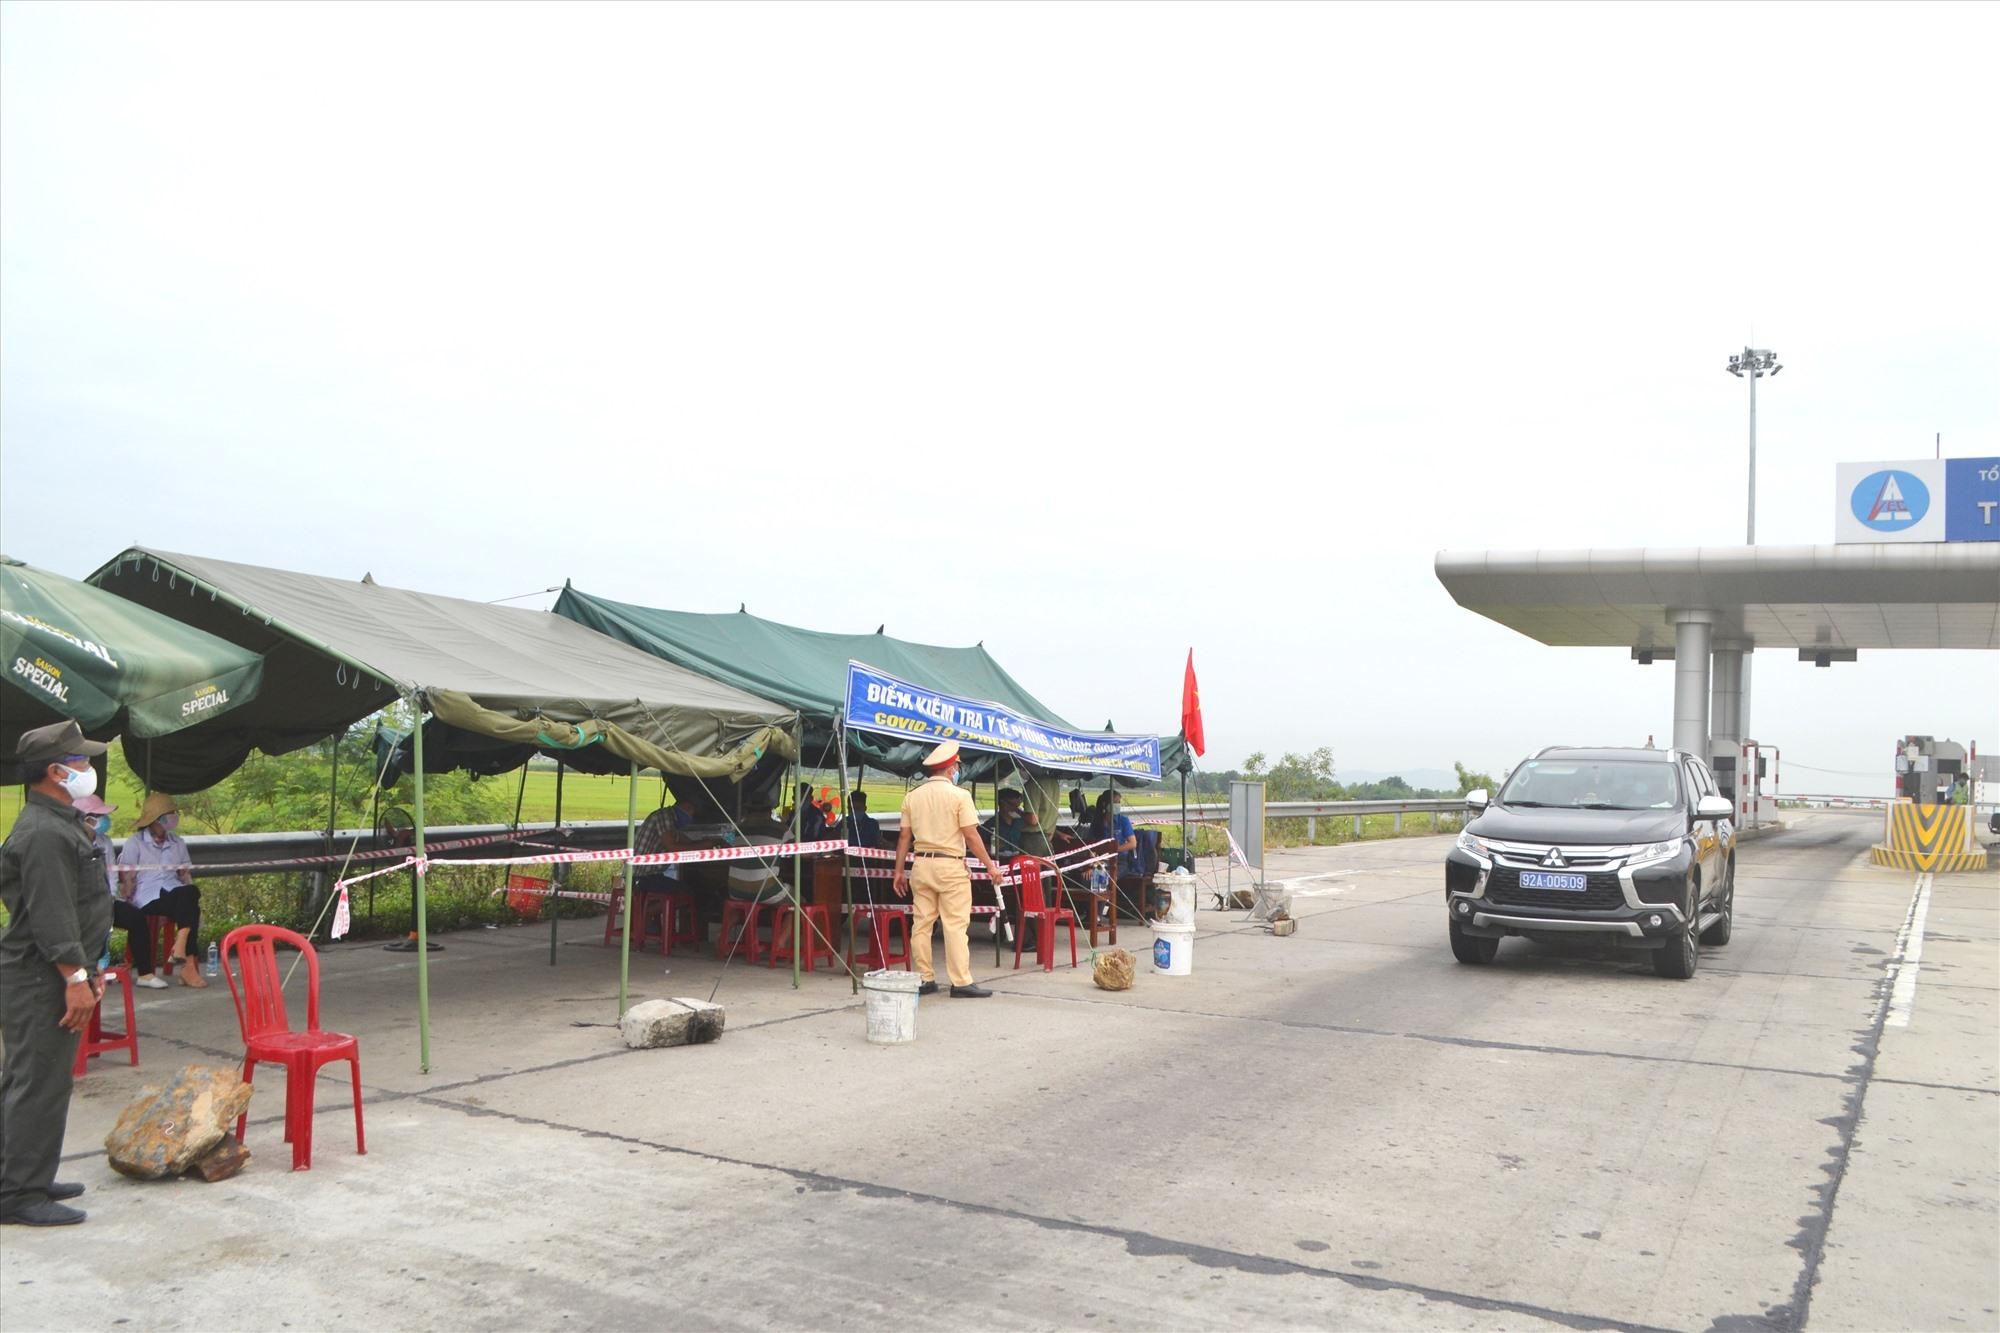 Một chốt kiểm soát tại khu vực giáp ranh giữa Quảng Nam và TP. Đà Nẵng. Ảnh; C.T